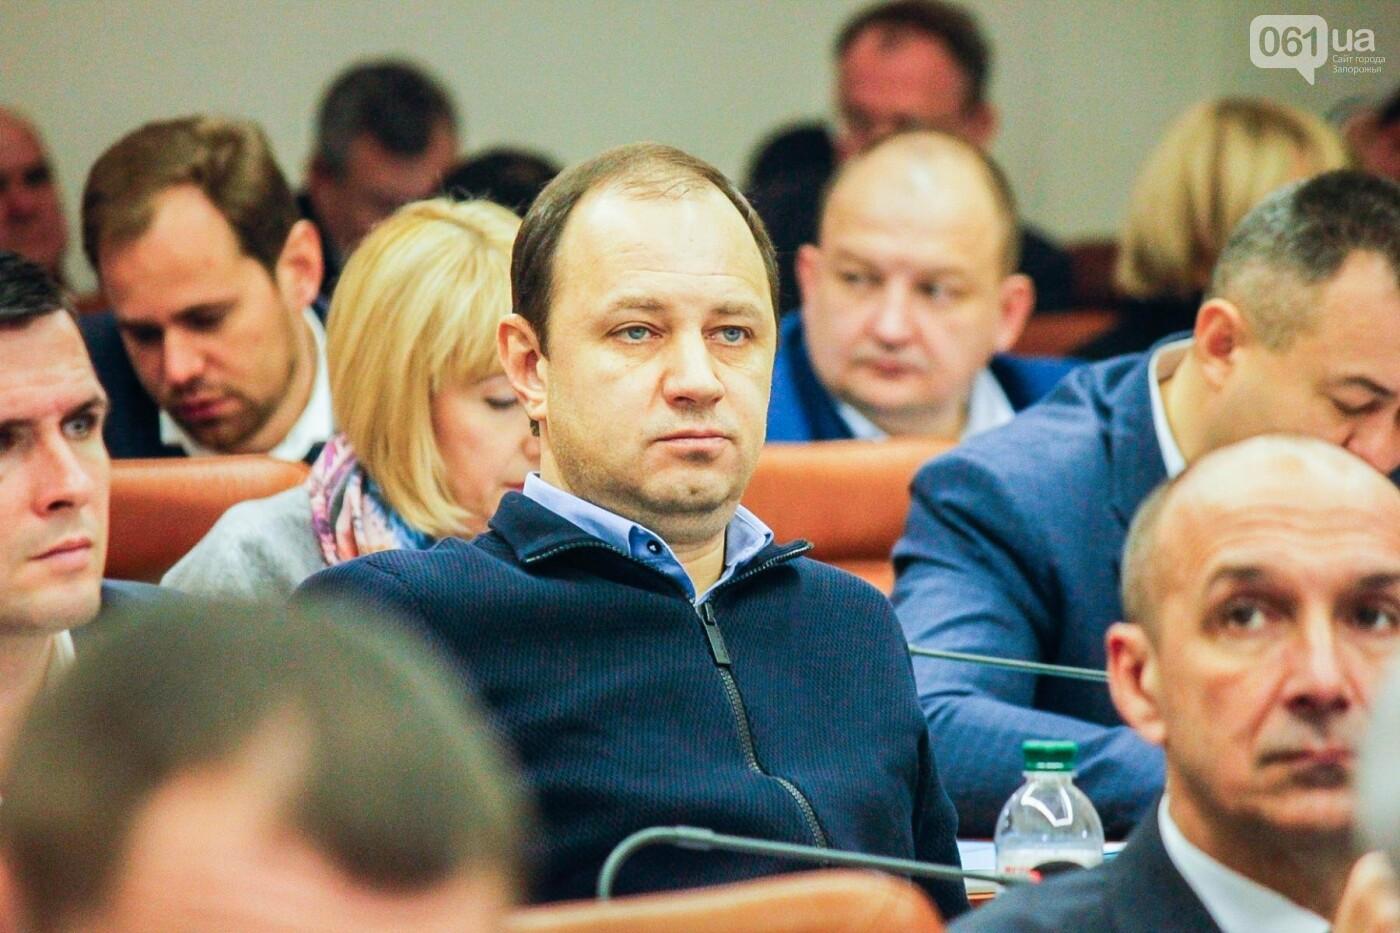 Сессия запорожского горсовета в лицах, - ФОТОРЕПОРТАЖ, фото-57